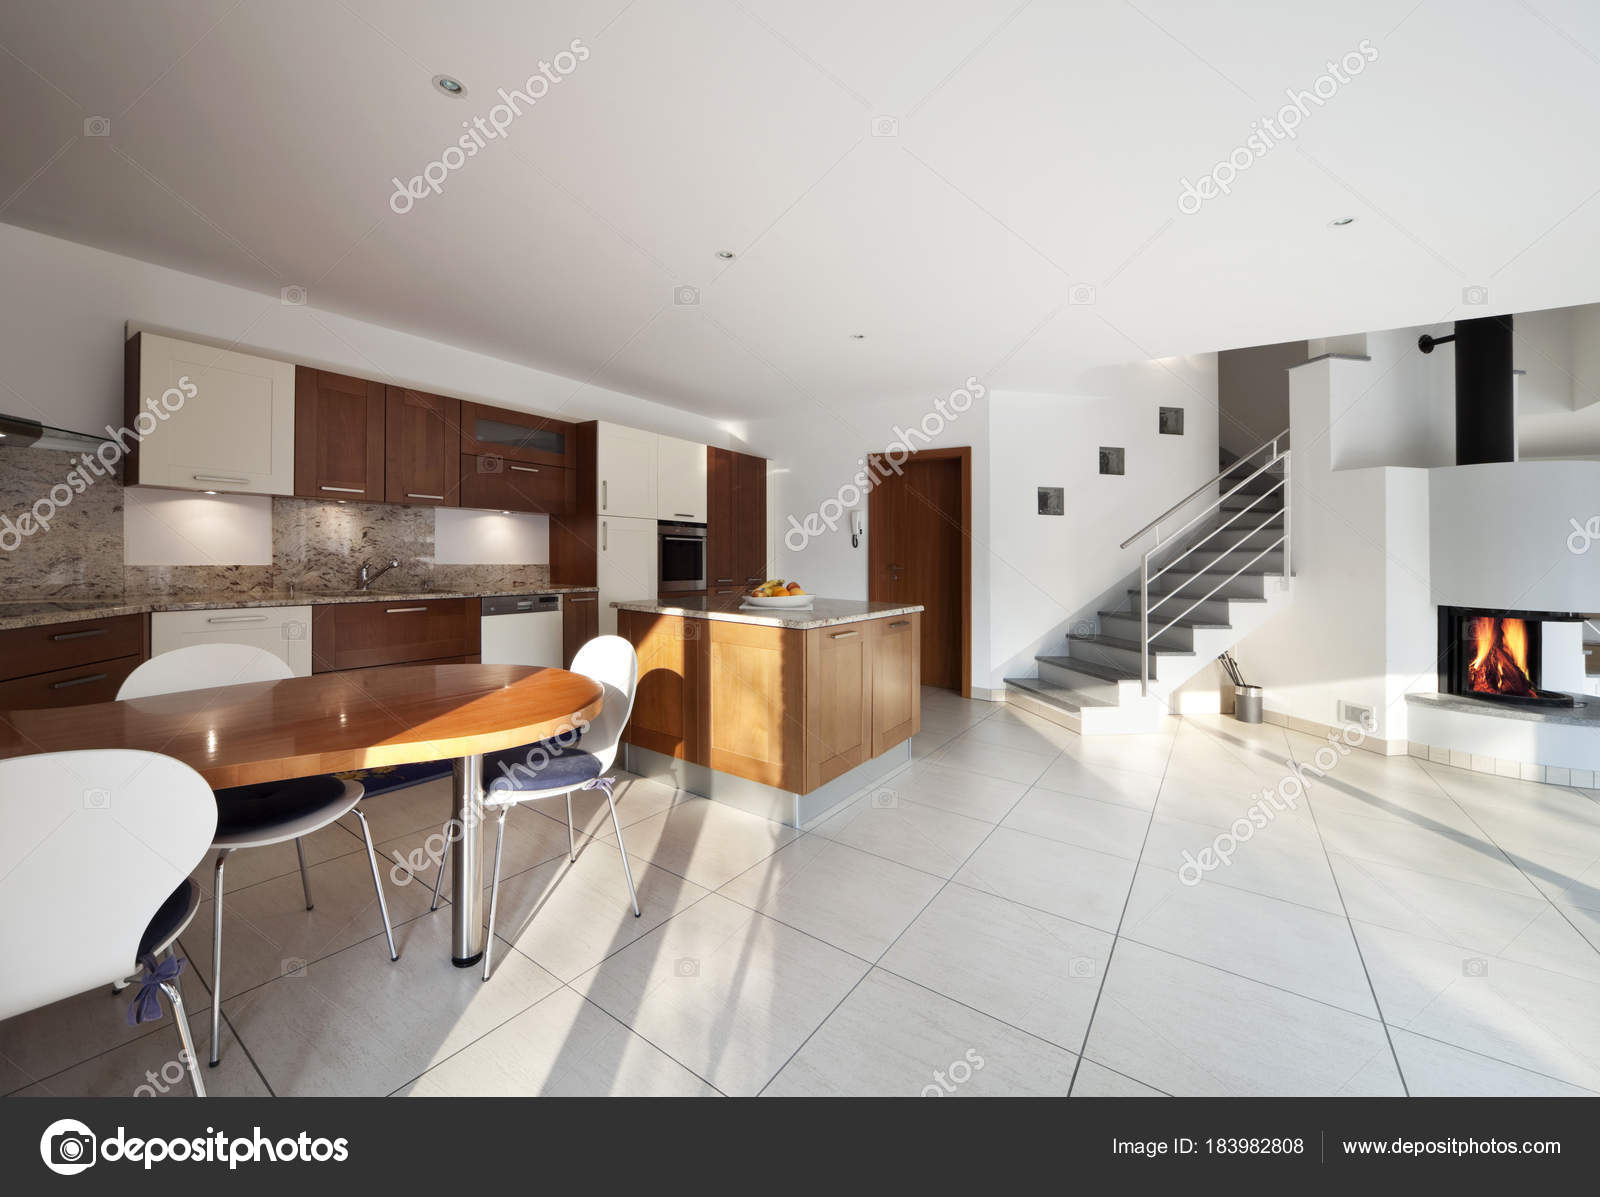 soggiorno, cucina, Sala da pranzo e ampio moderno spazio aperto ...